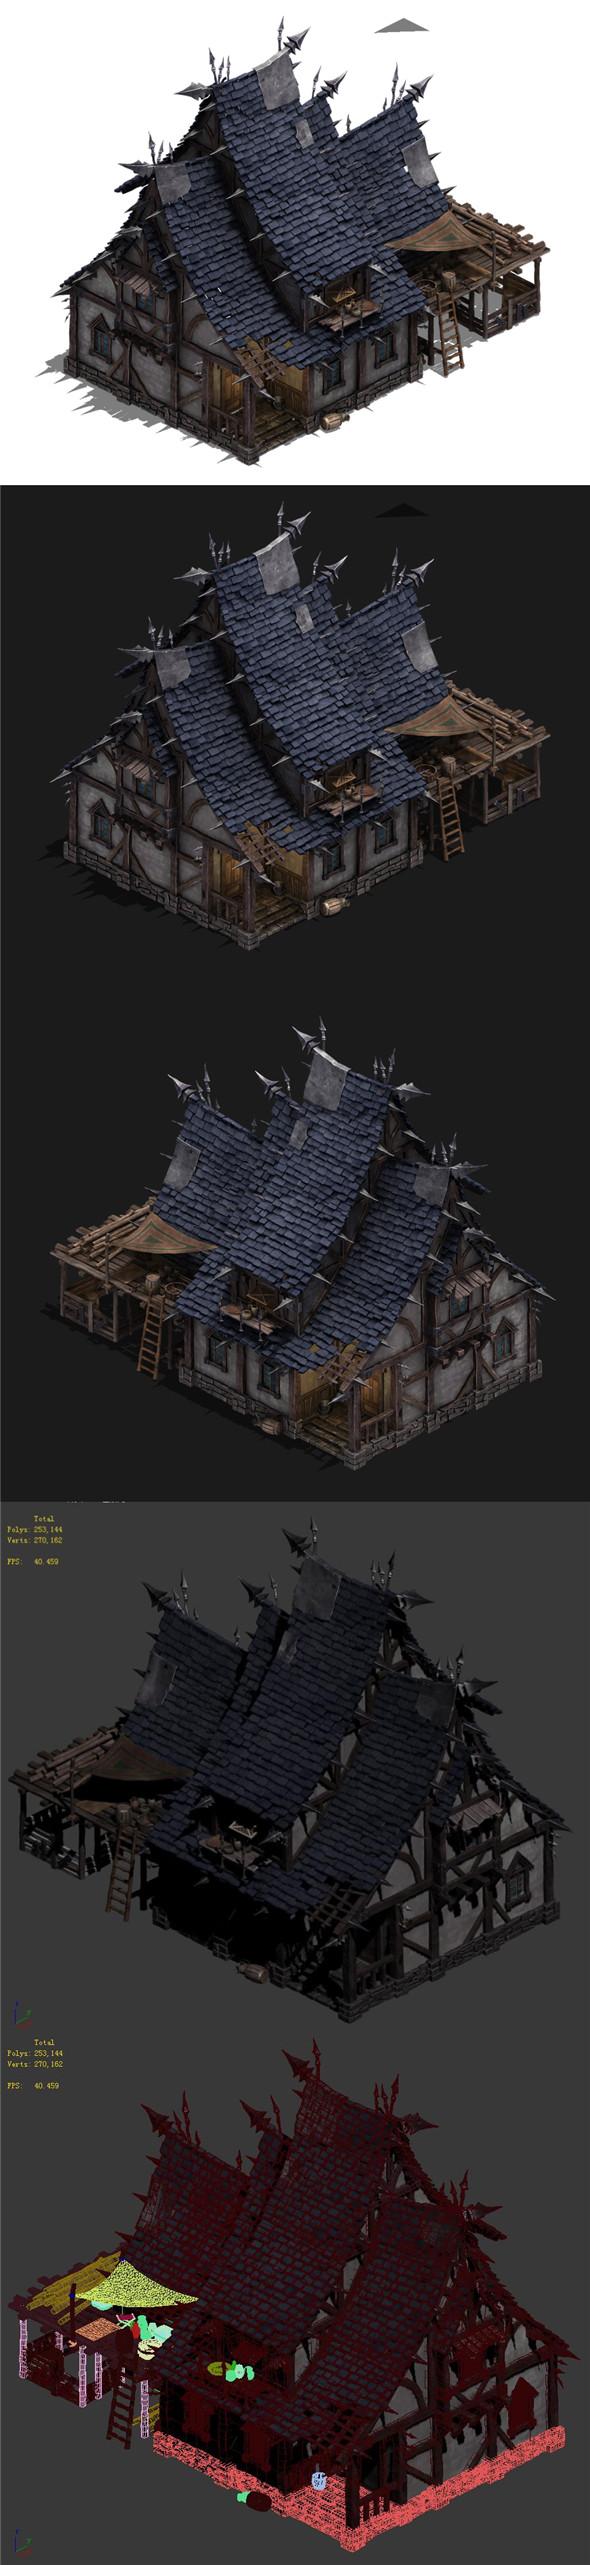 Wild - broken building - 3DOcean Item for Sale